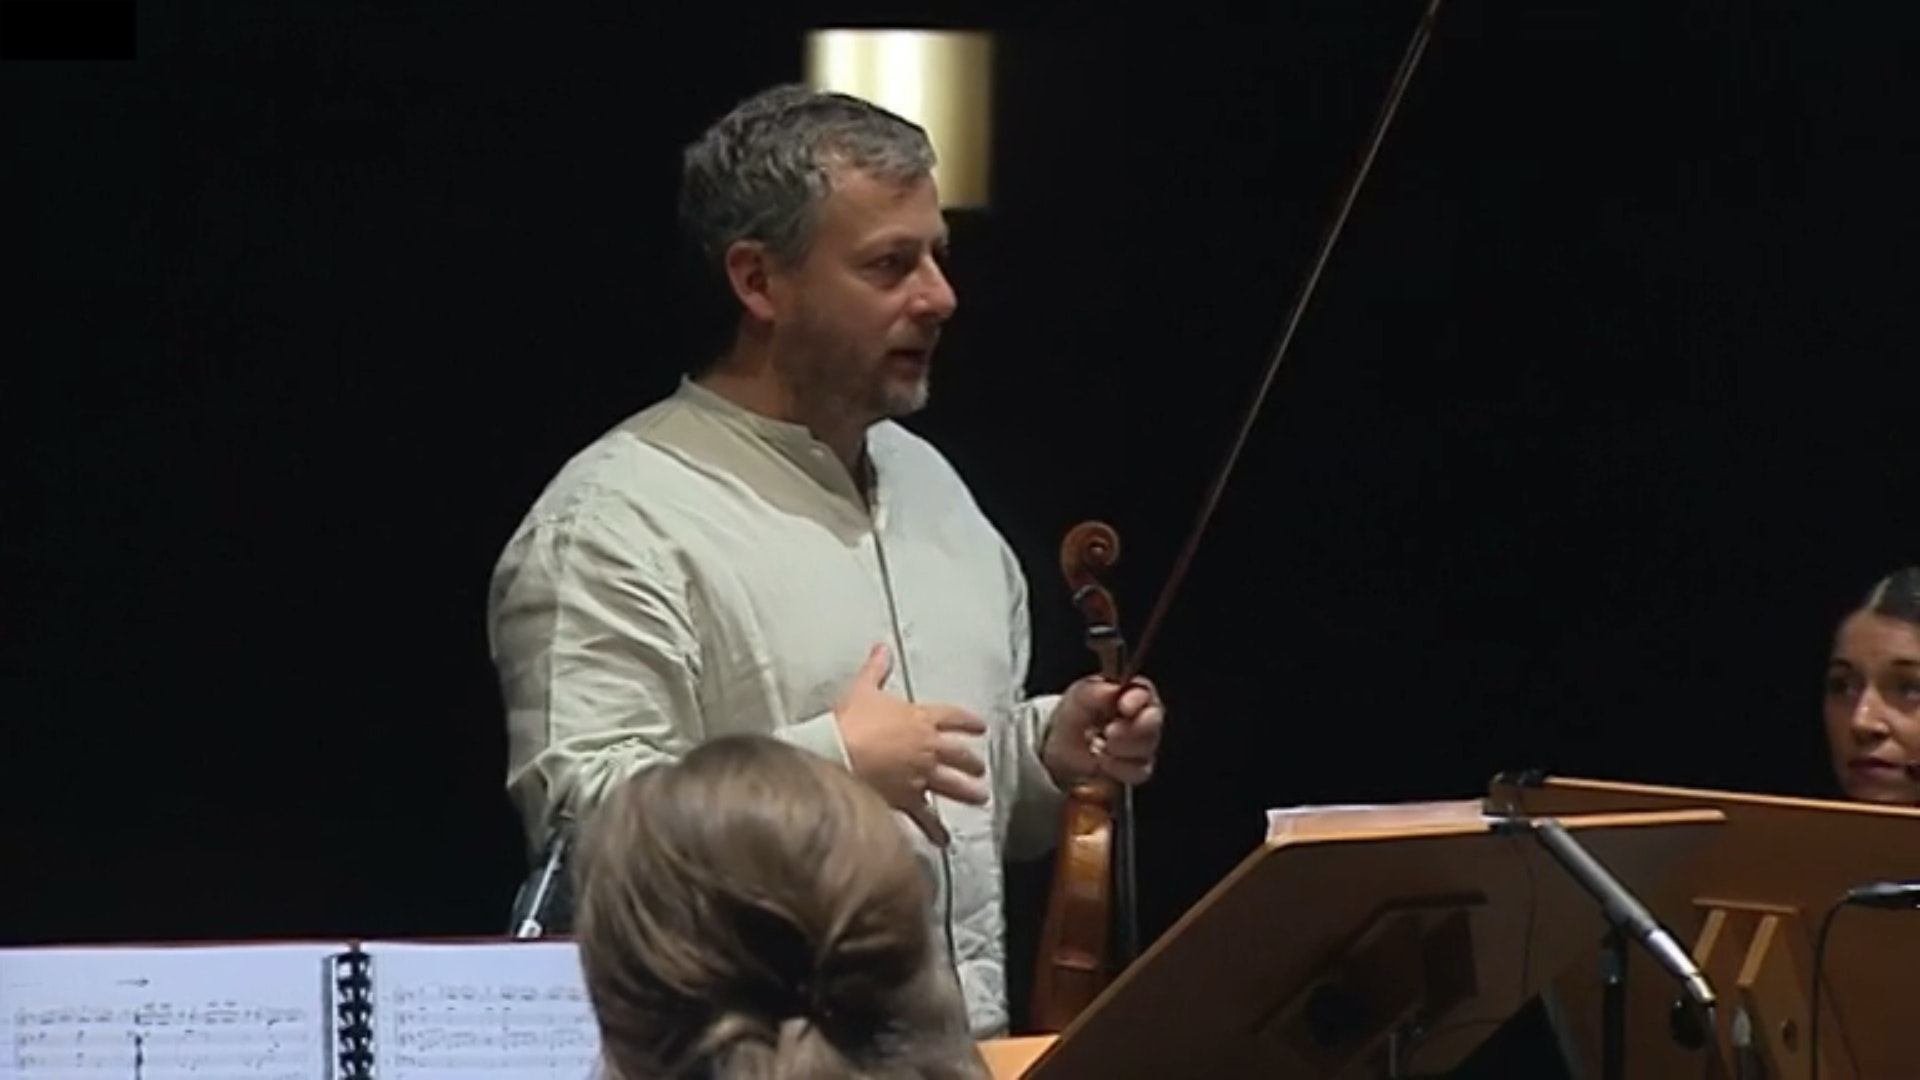 Fabio Biondi, a conductor without baton